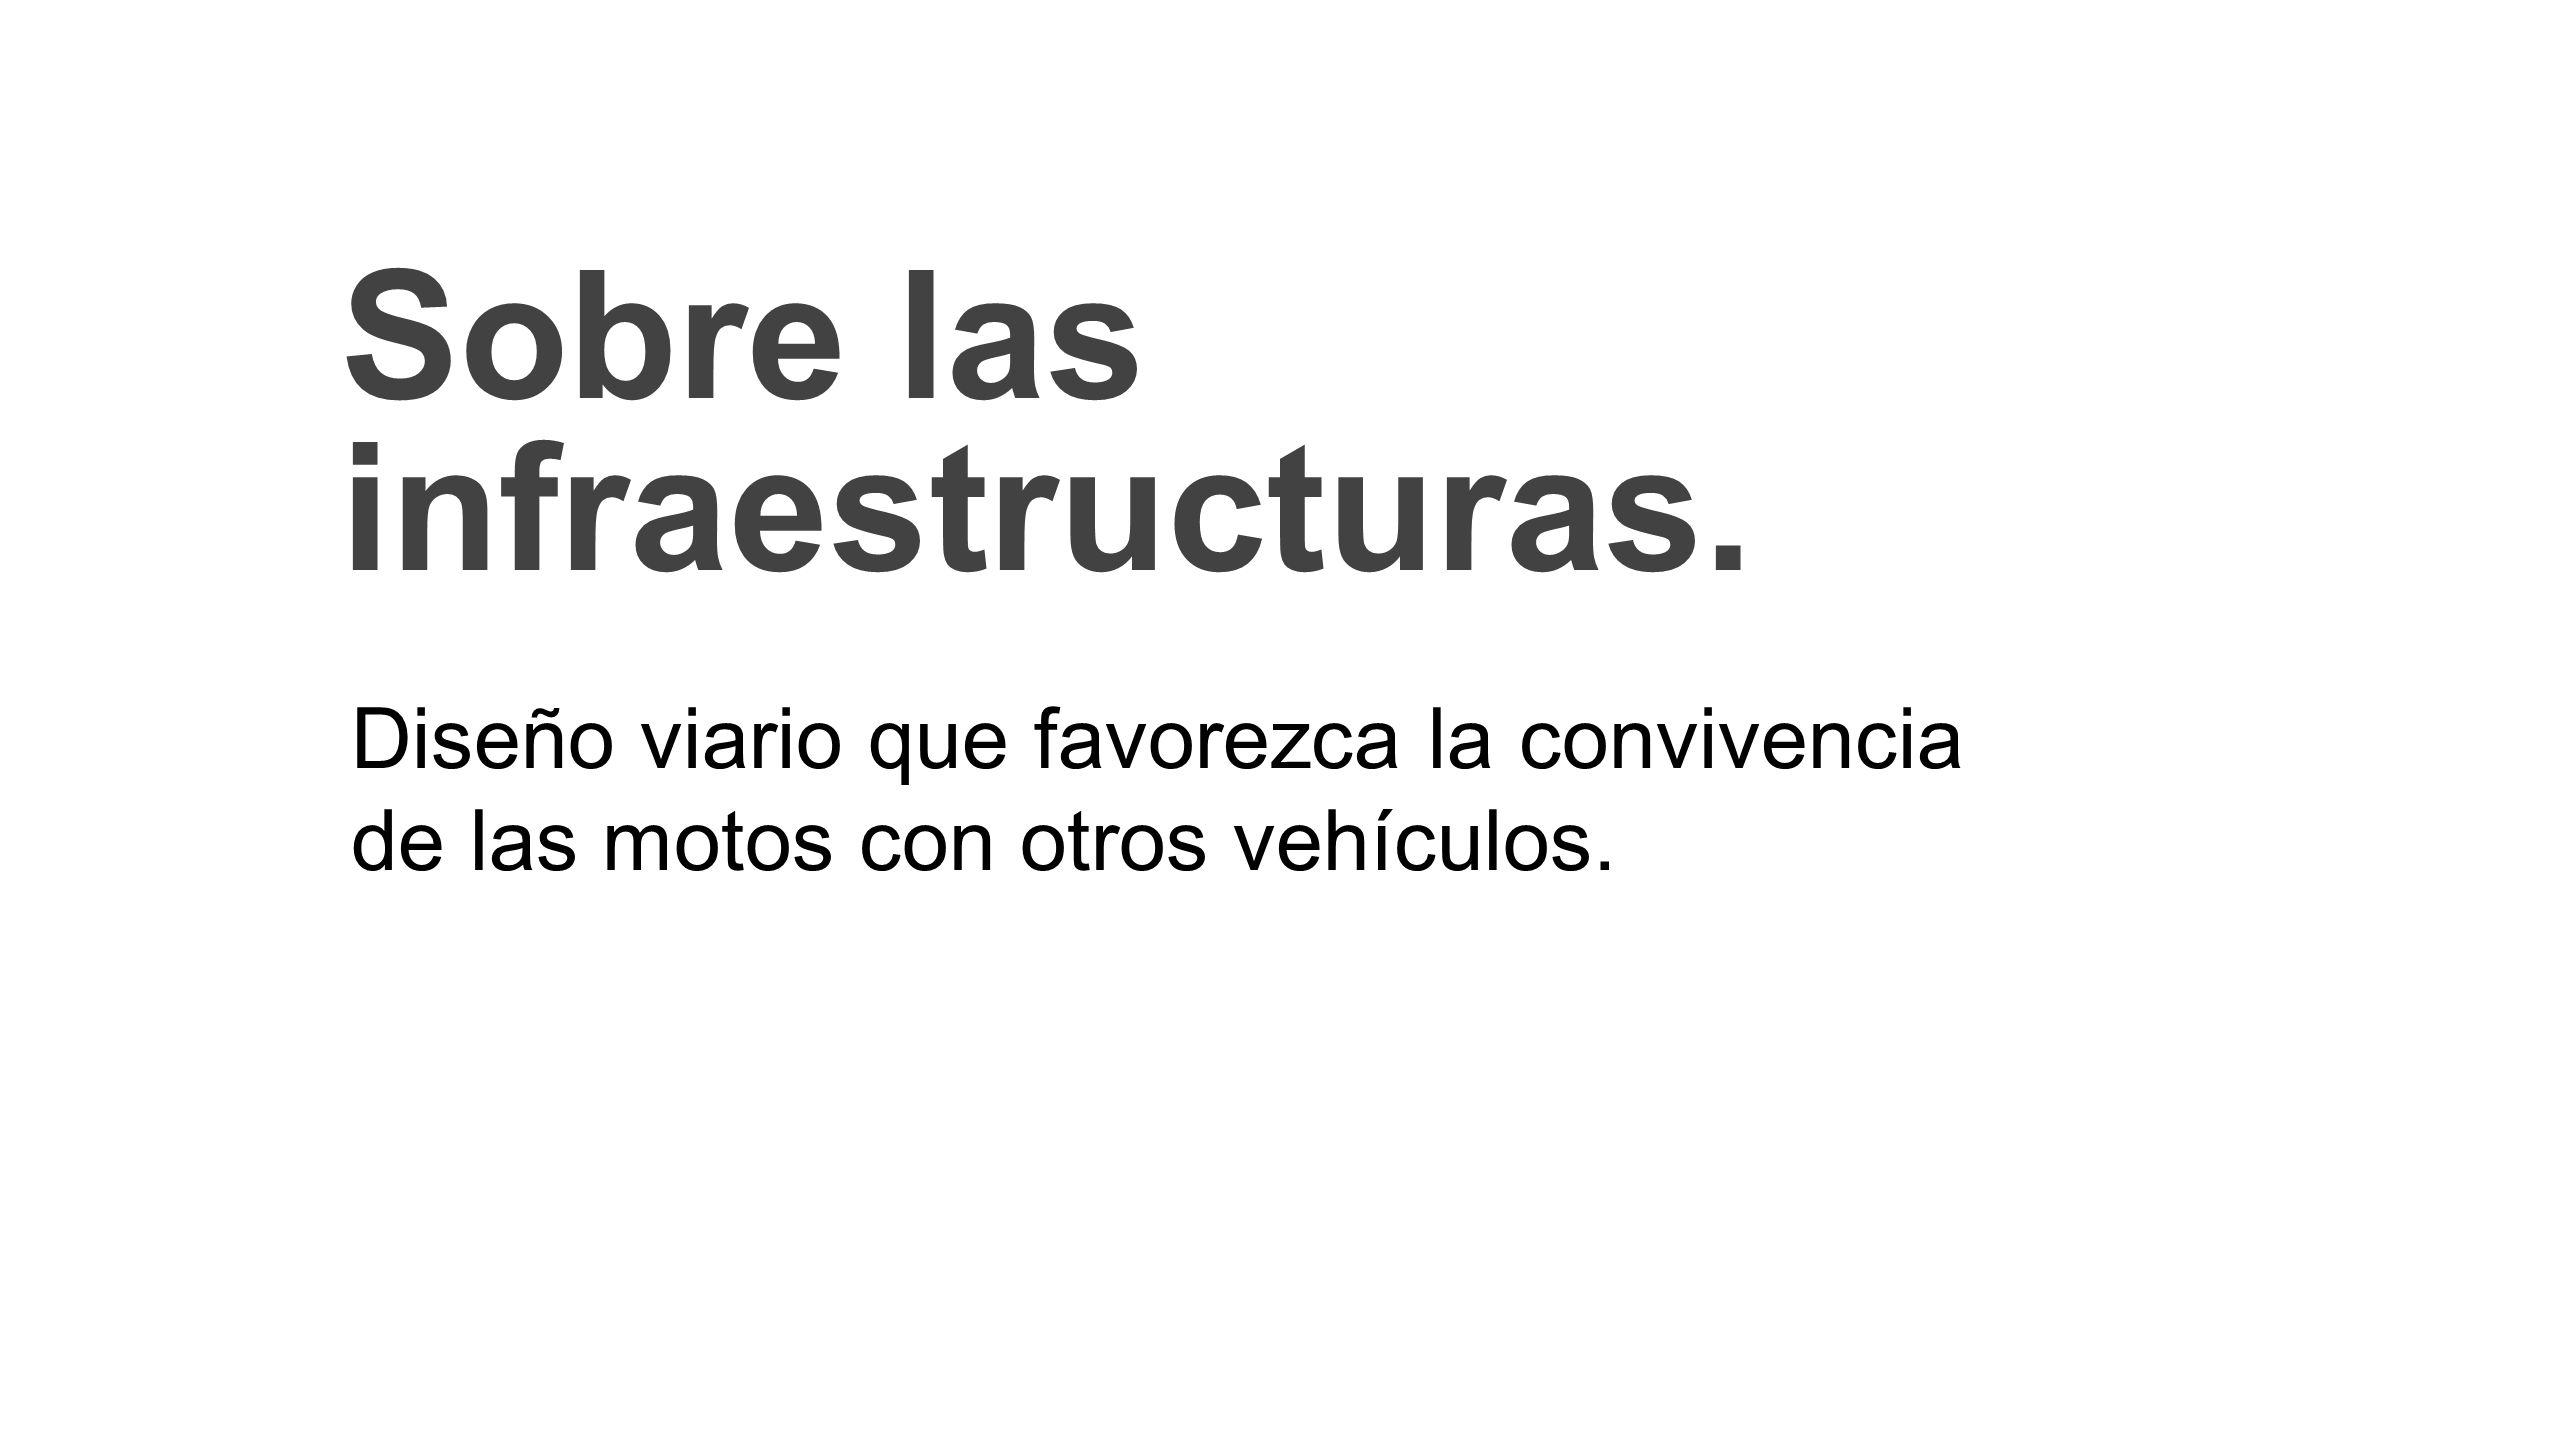 Sobre las infraestructuras. Diseño viario que favorezca la convivencia de las motos con otros vehículos.